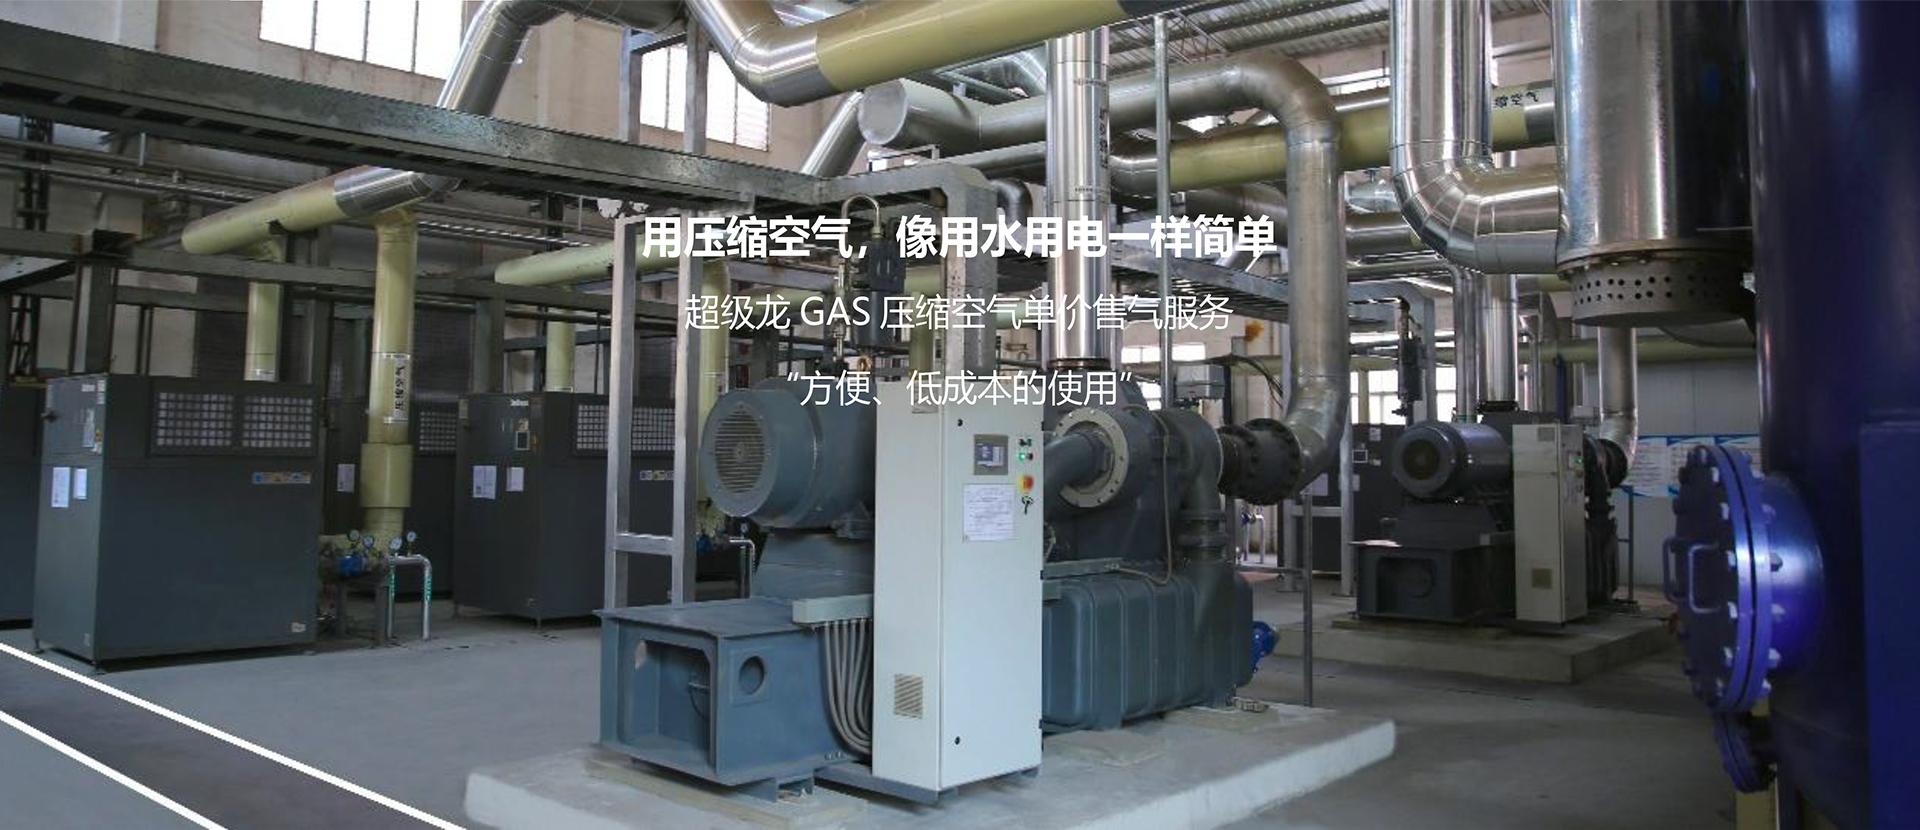 空压机升级改造-空压机合同能源管理